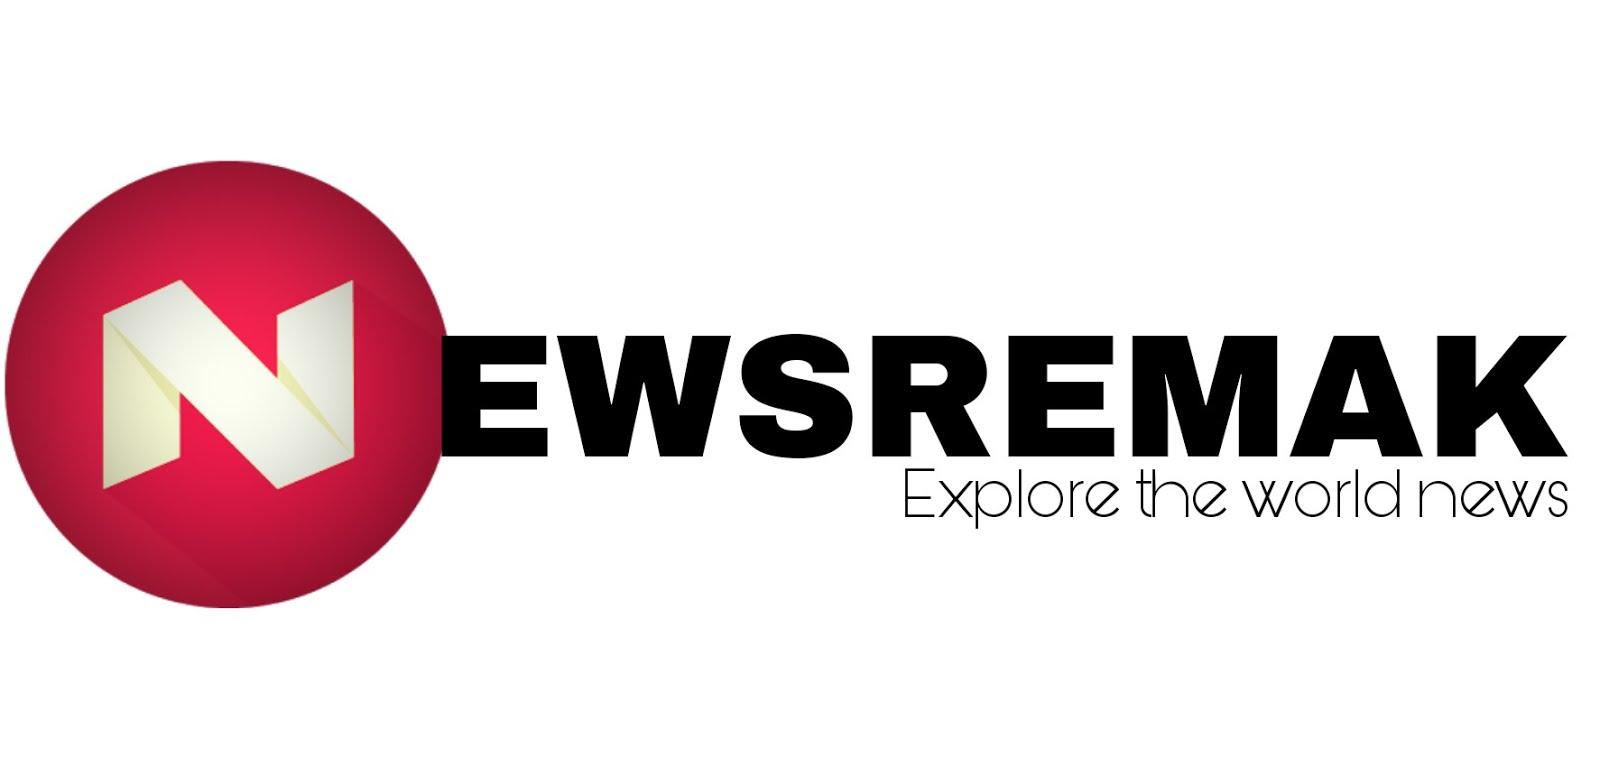 News Remak